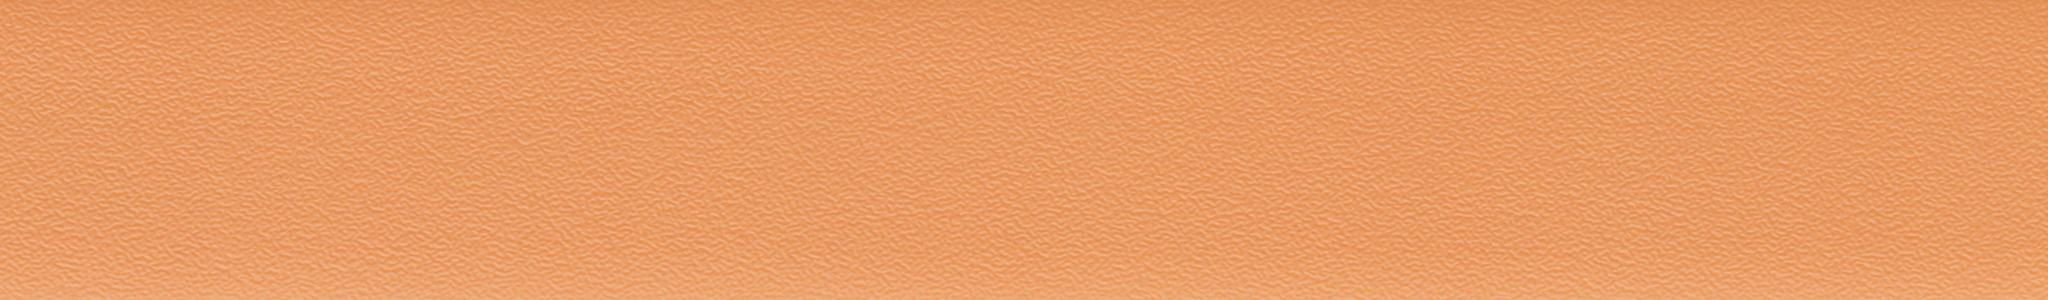 HU 141667 ABS hrana oranžová perla 101